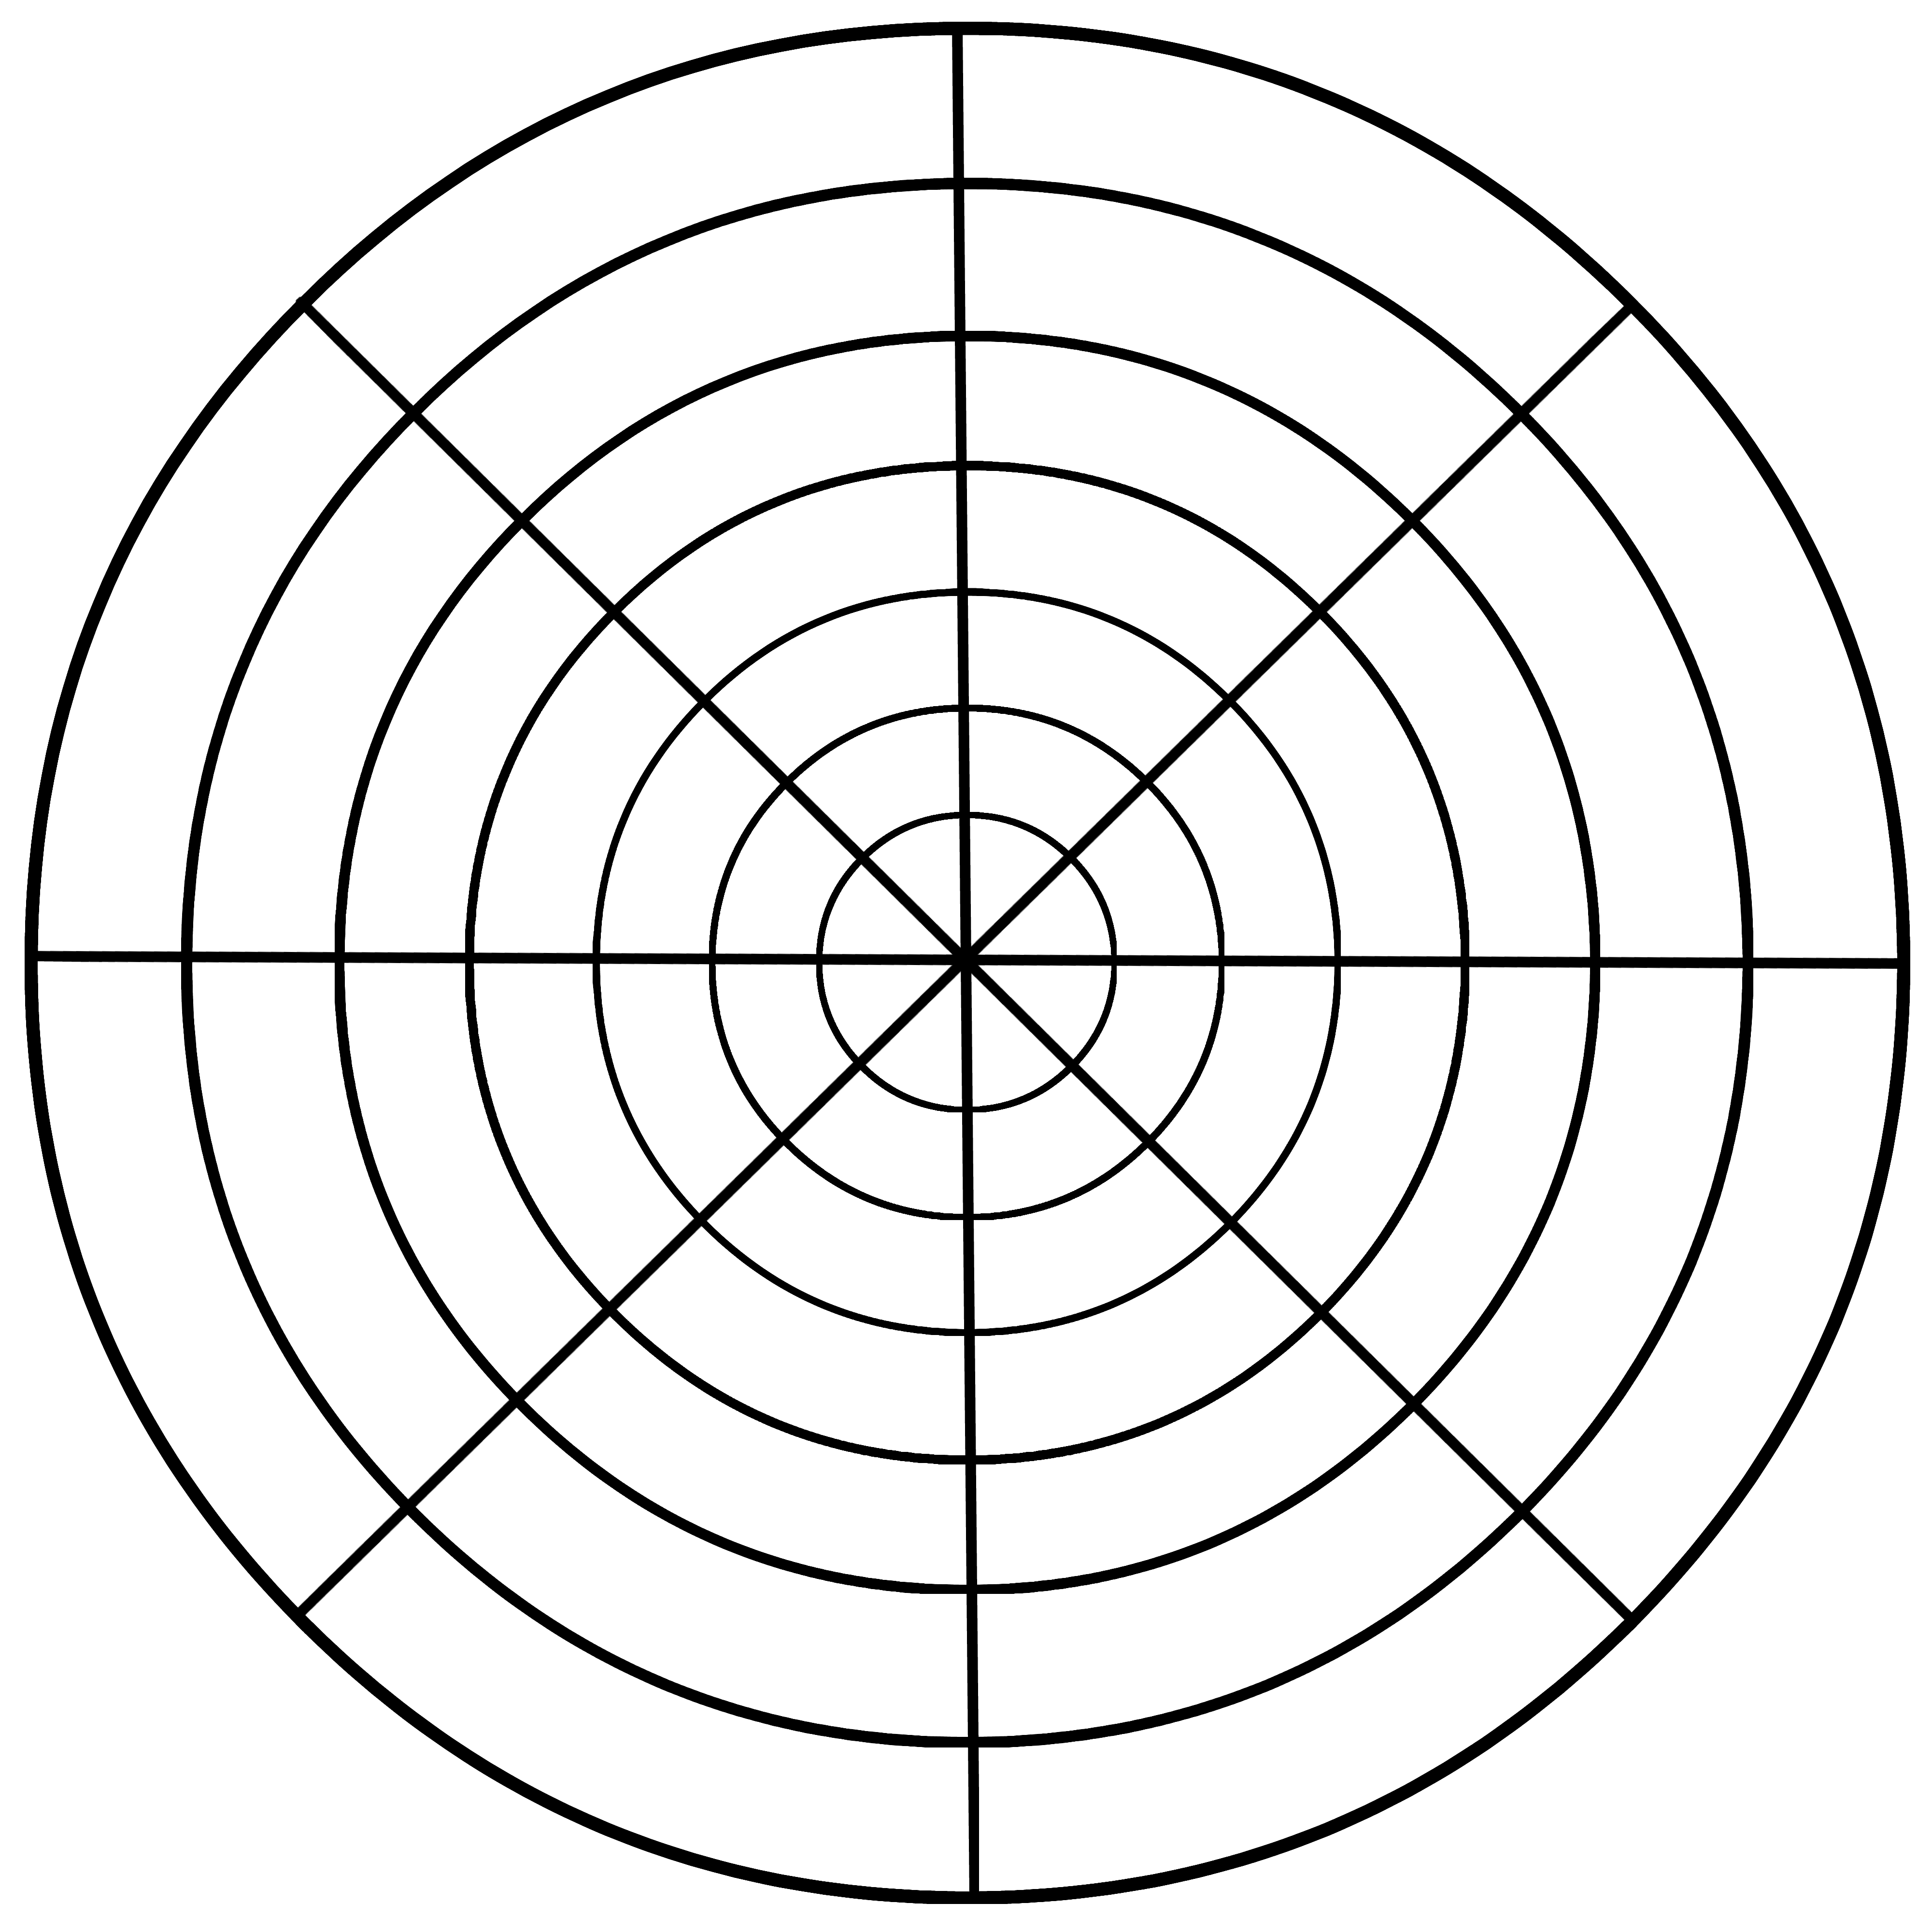 Mandala Drawing Templates